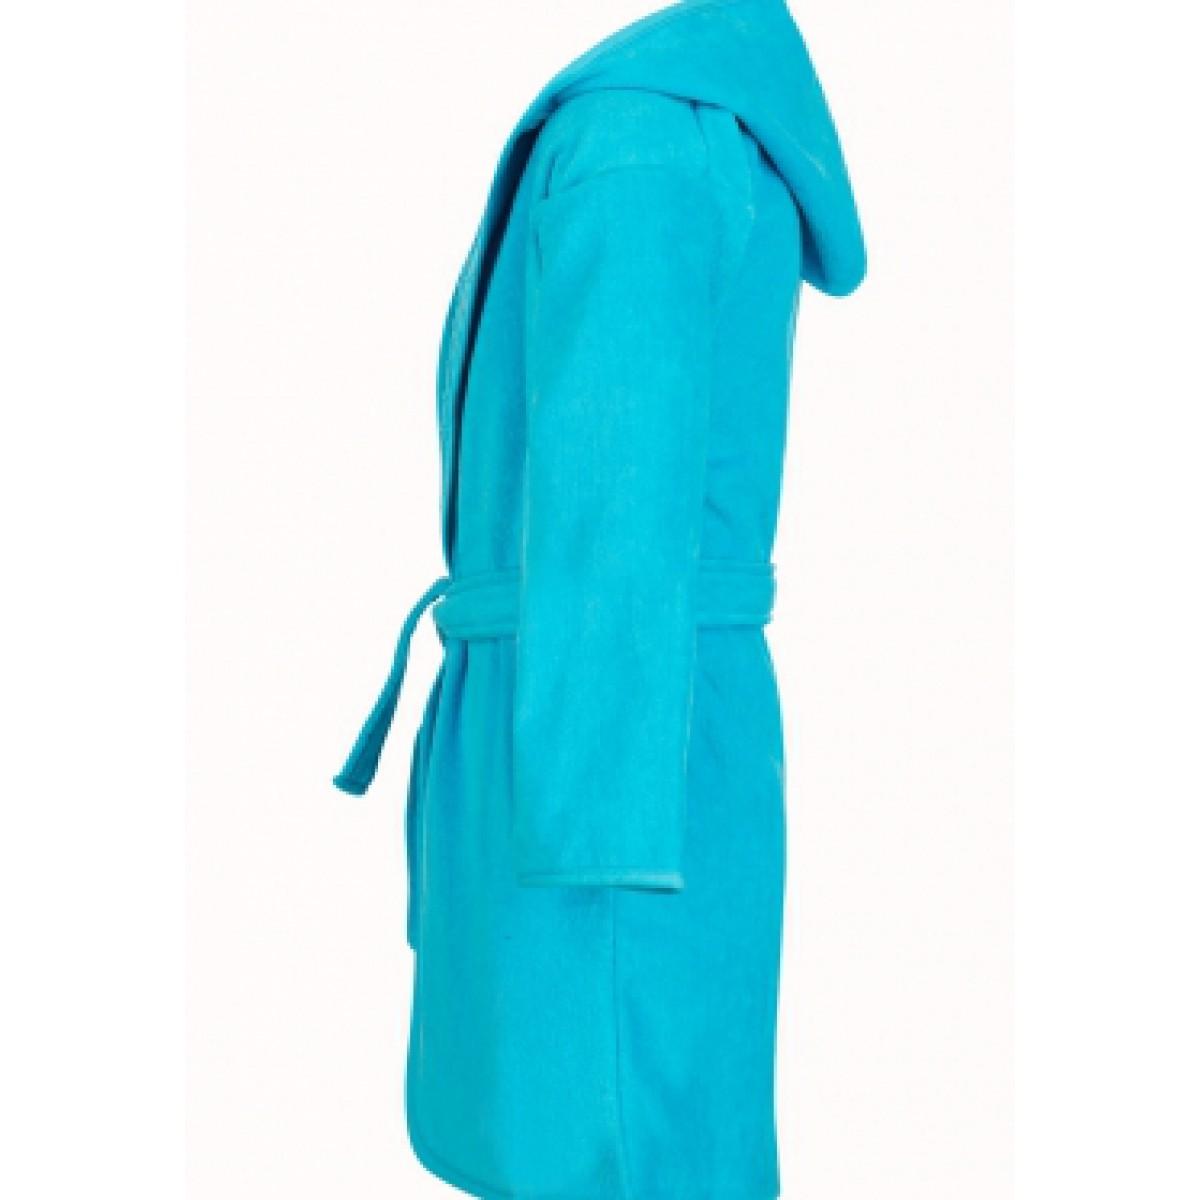 Turquoise kinderbadjas